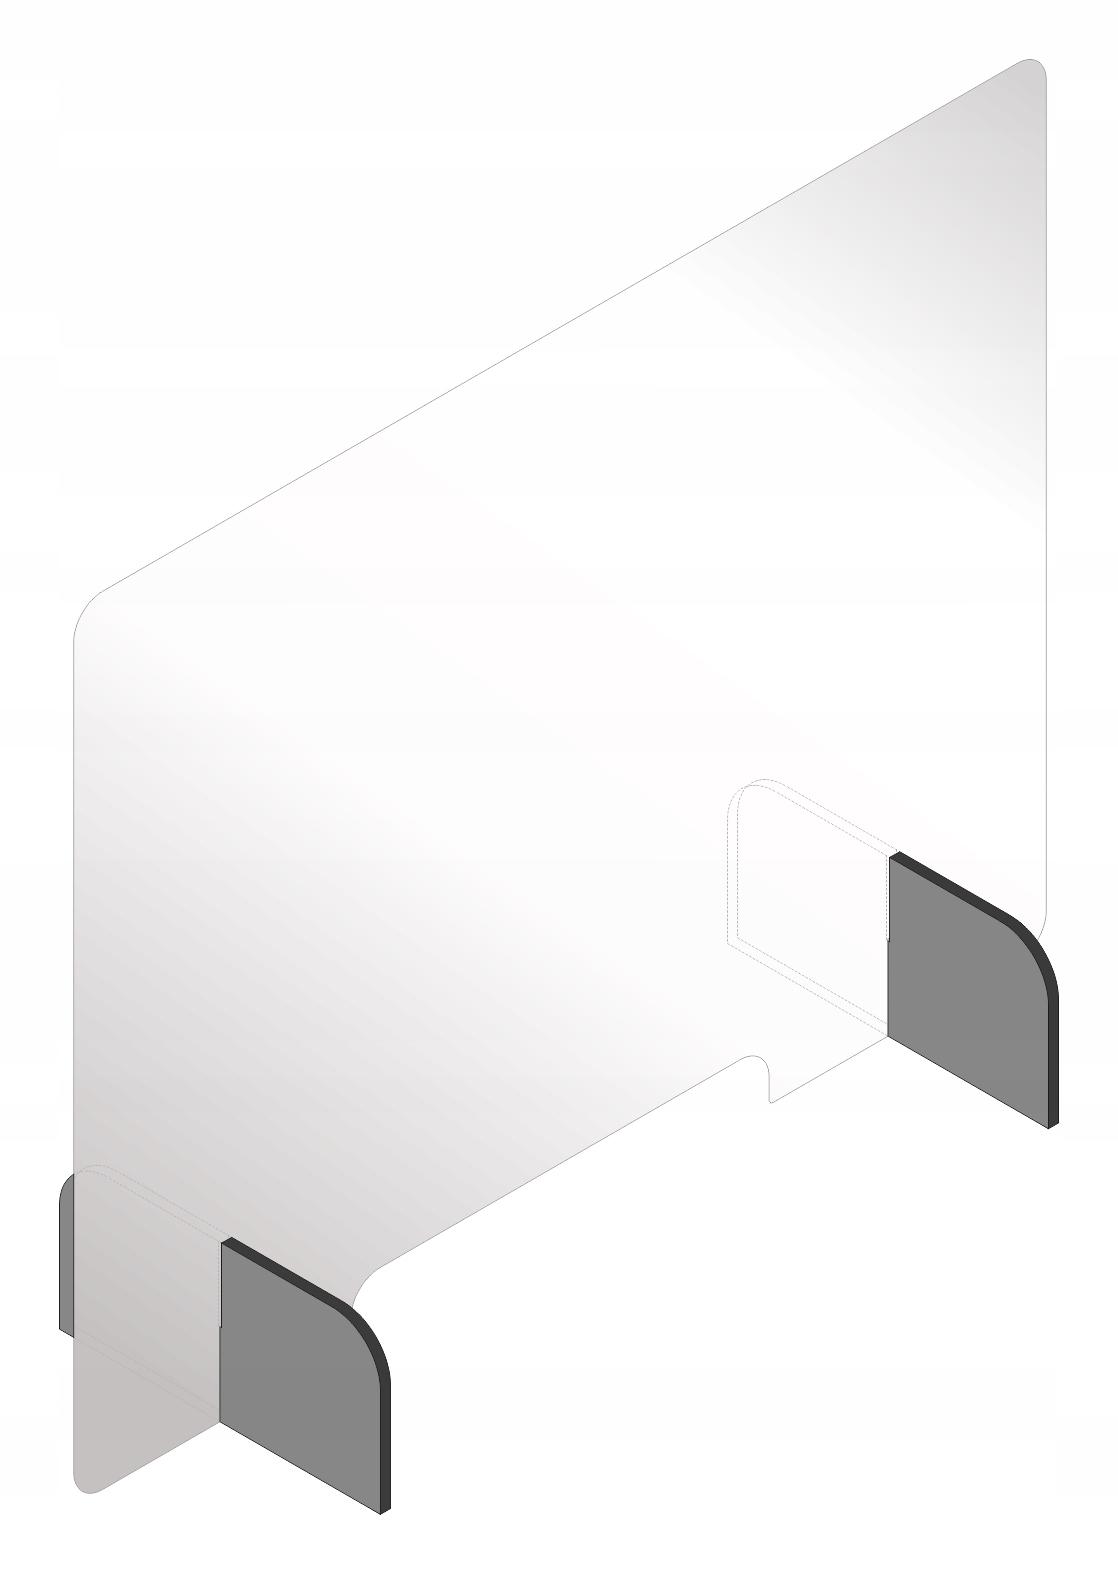 Крышка из плексигласа, защитное стекло, рабочий стол 100x60 + БЕСПЛАТНО